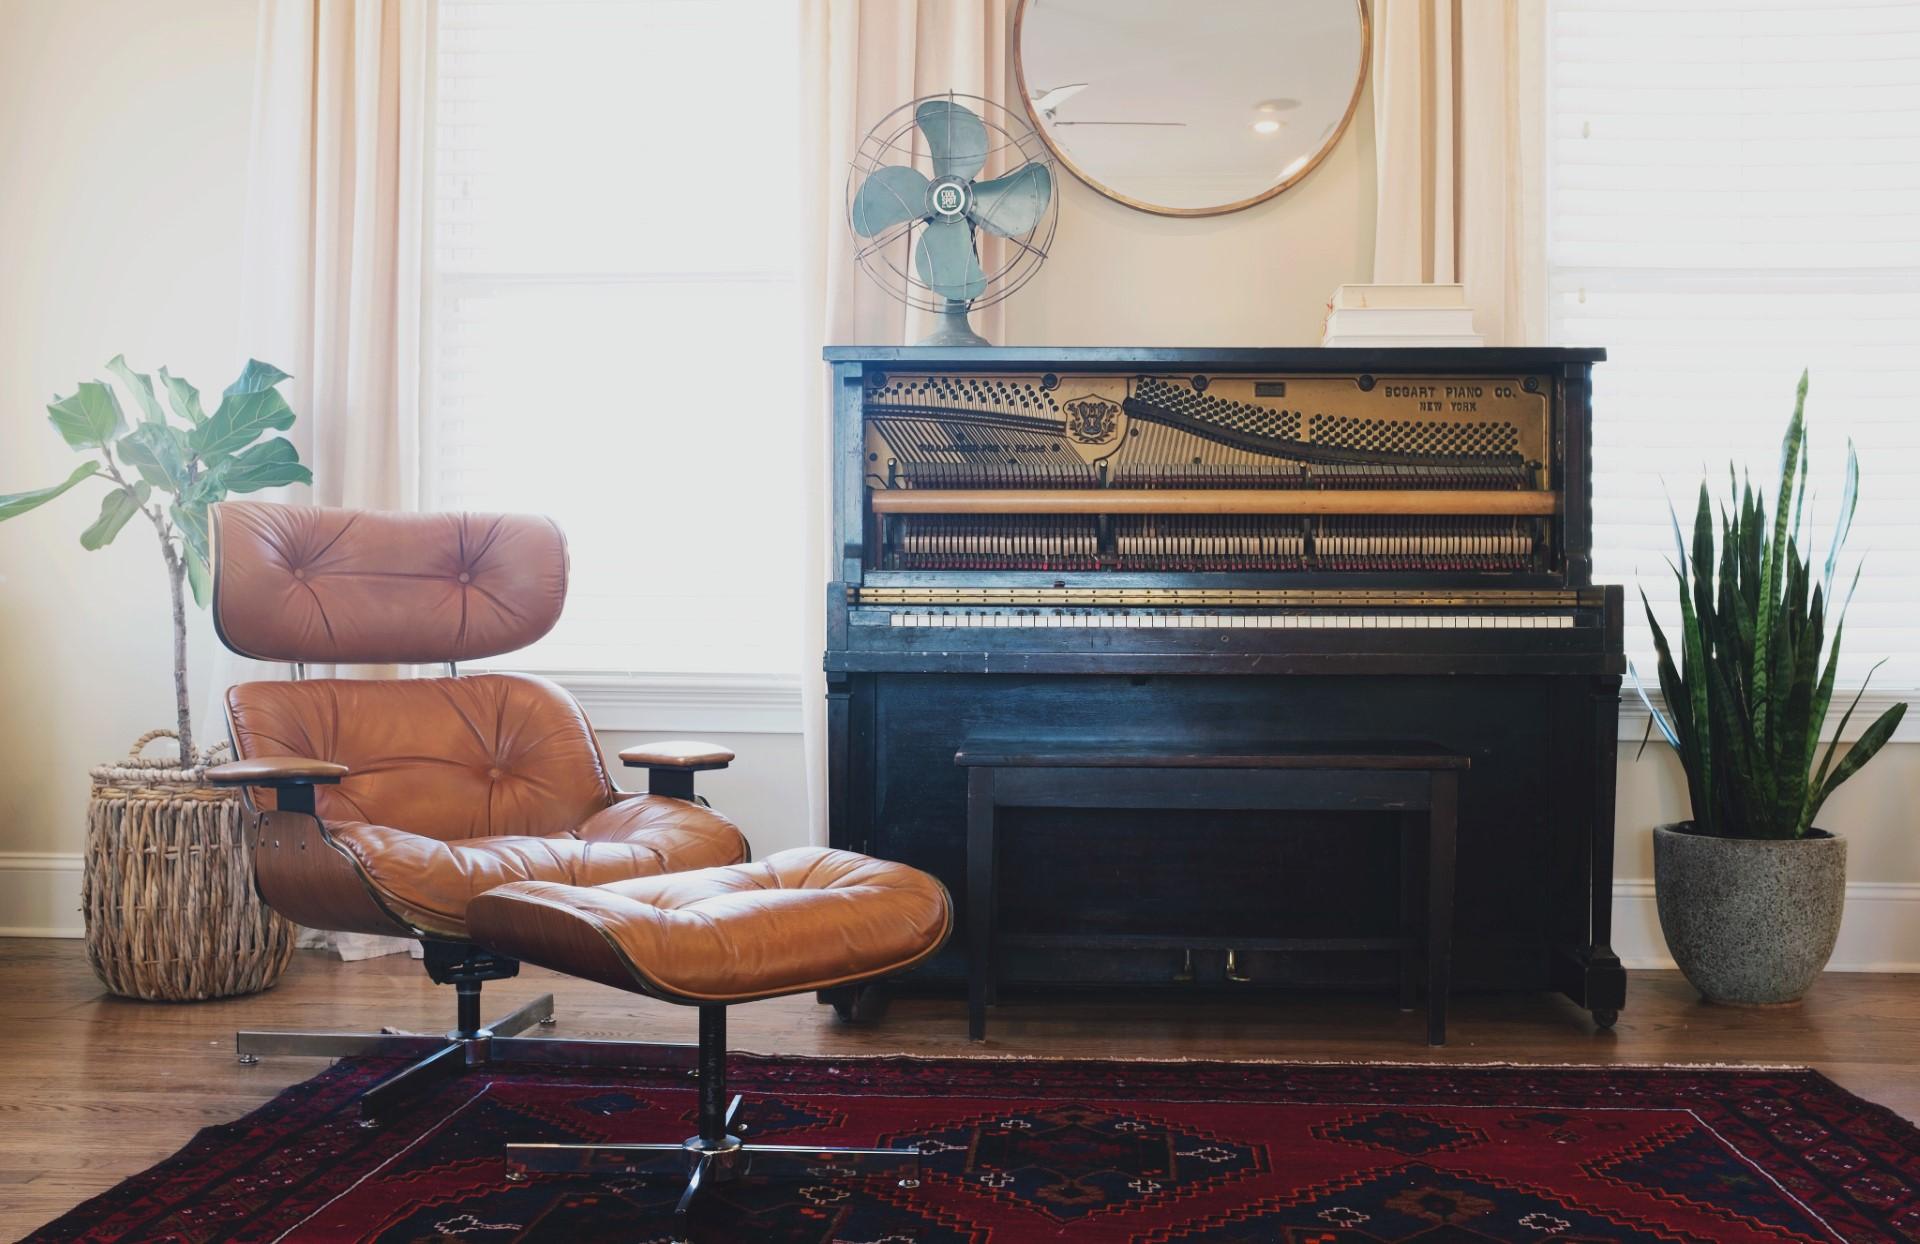 Piano und Sessel